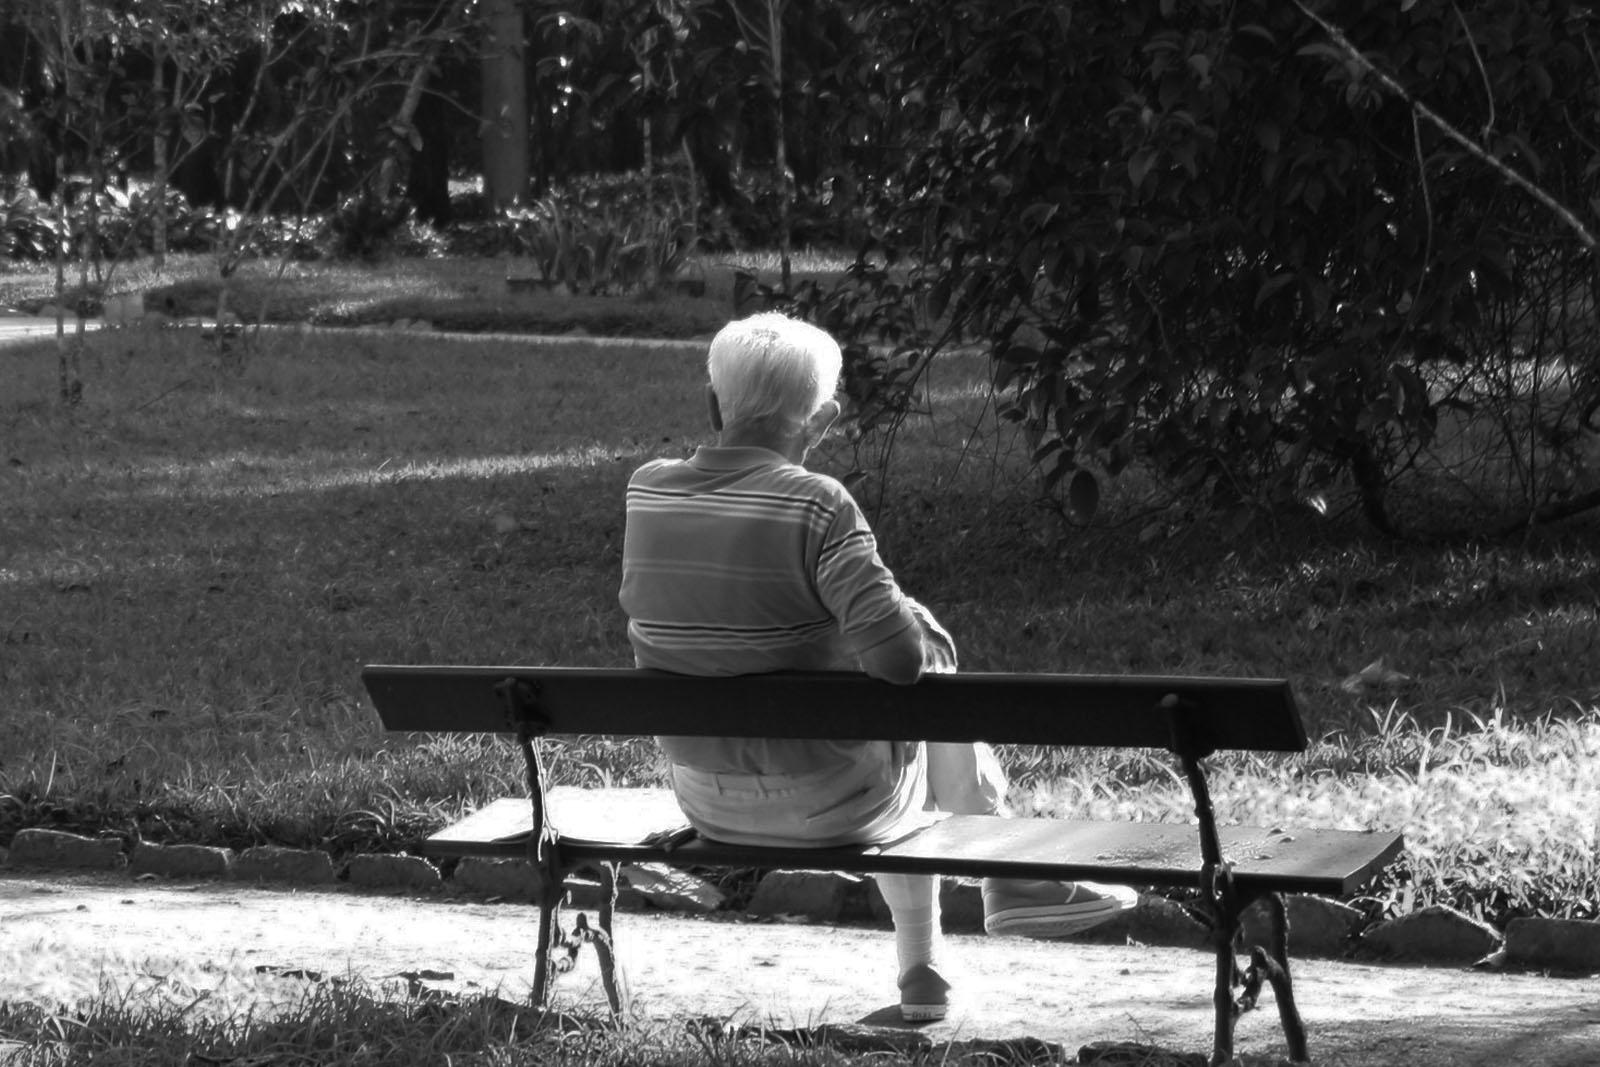 depressio-gent-gran-depresion-personas-mayores-bn